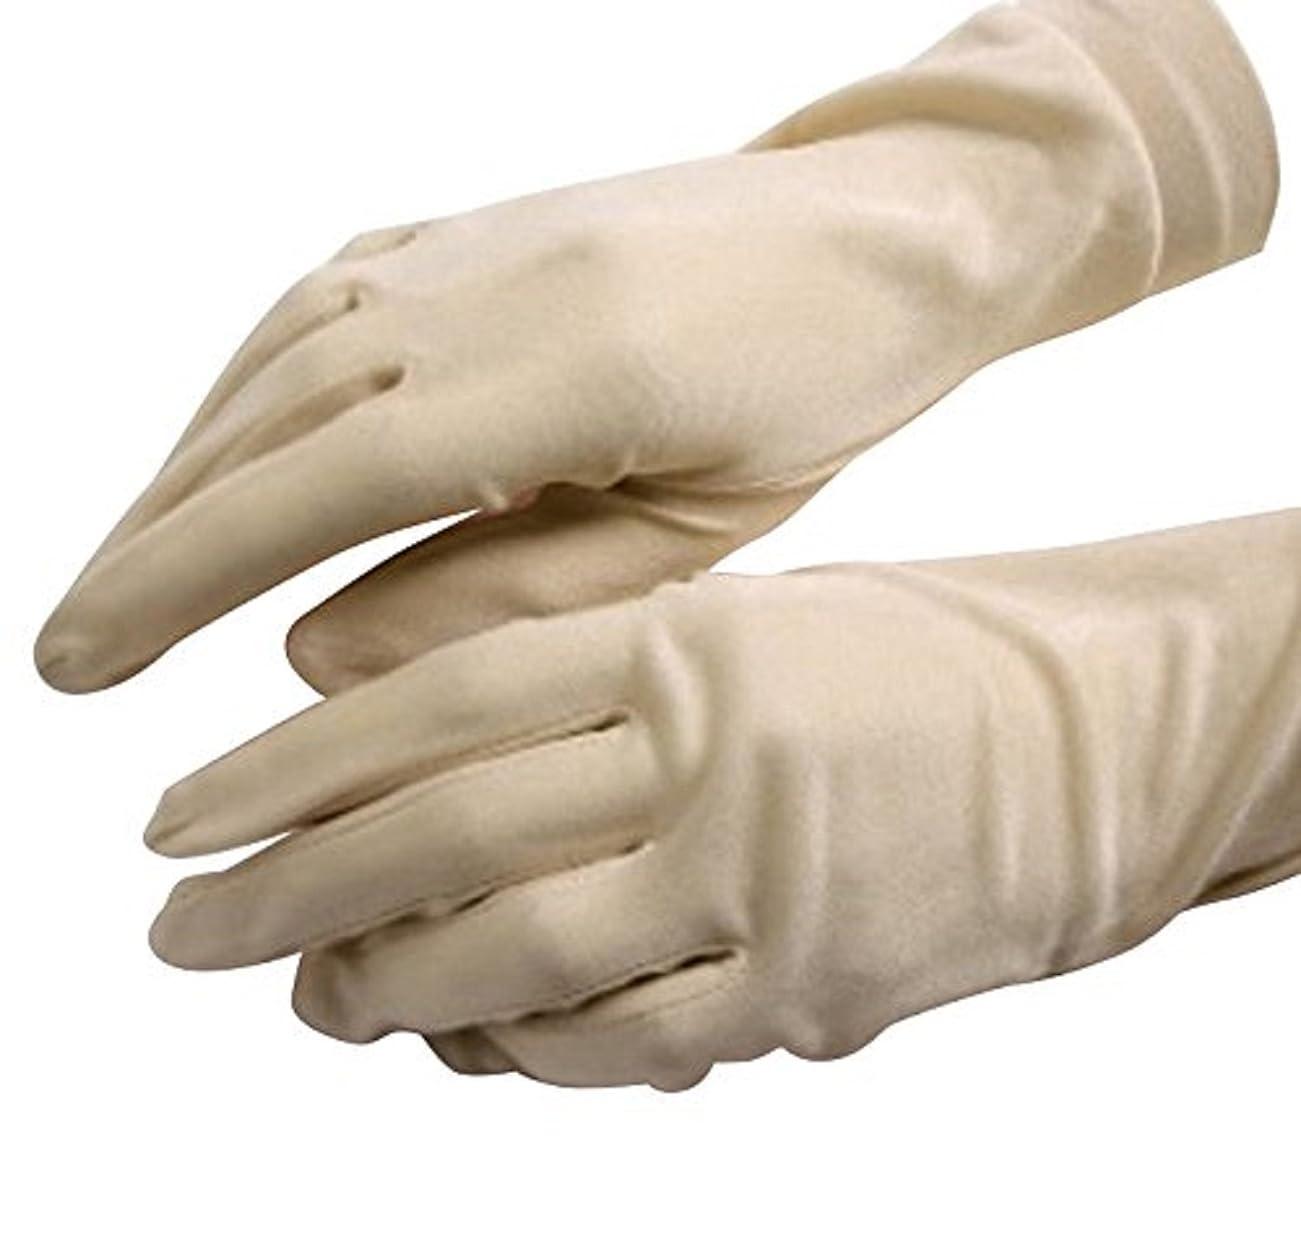 モデレータ近代化する静的CREPUSCOLO 手荒れ対策! シルク手袋 おやすみ 手袋 保湿ケア UVカット ハンドケア シルク100% 全7色 (ベージュ)